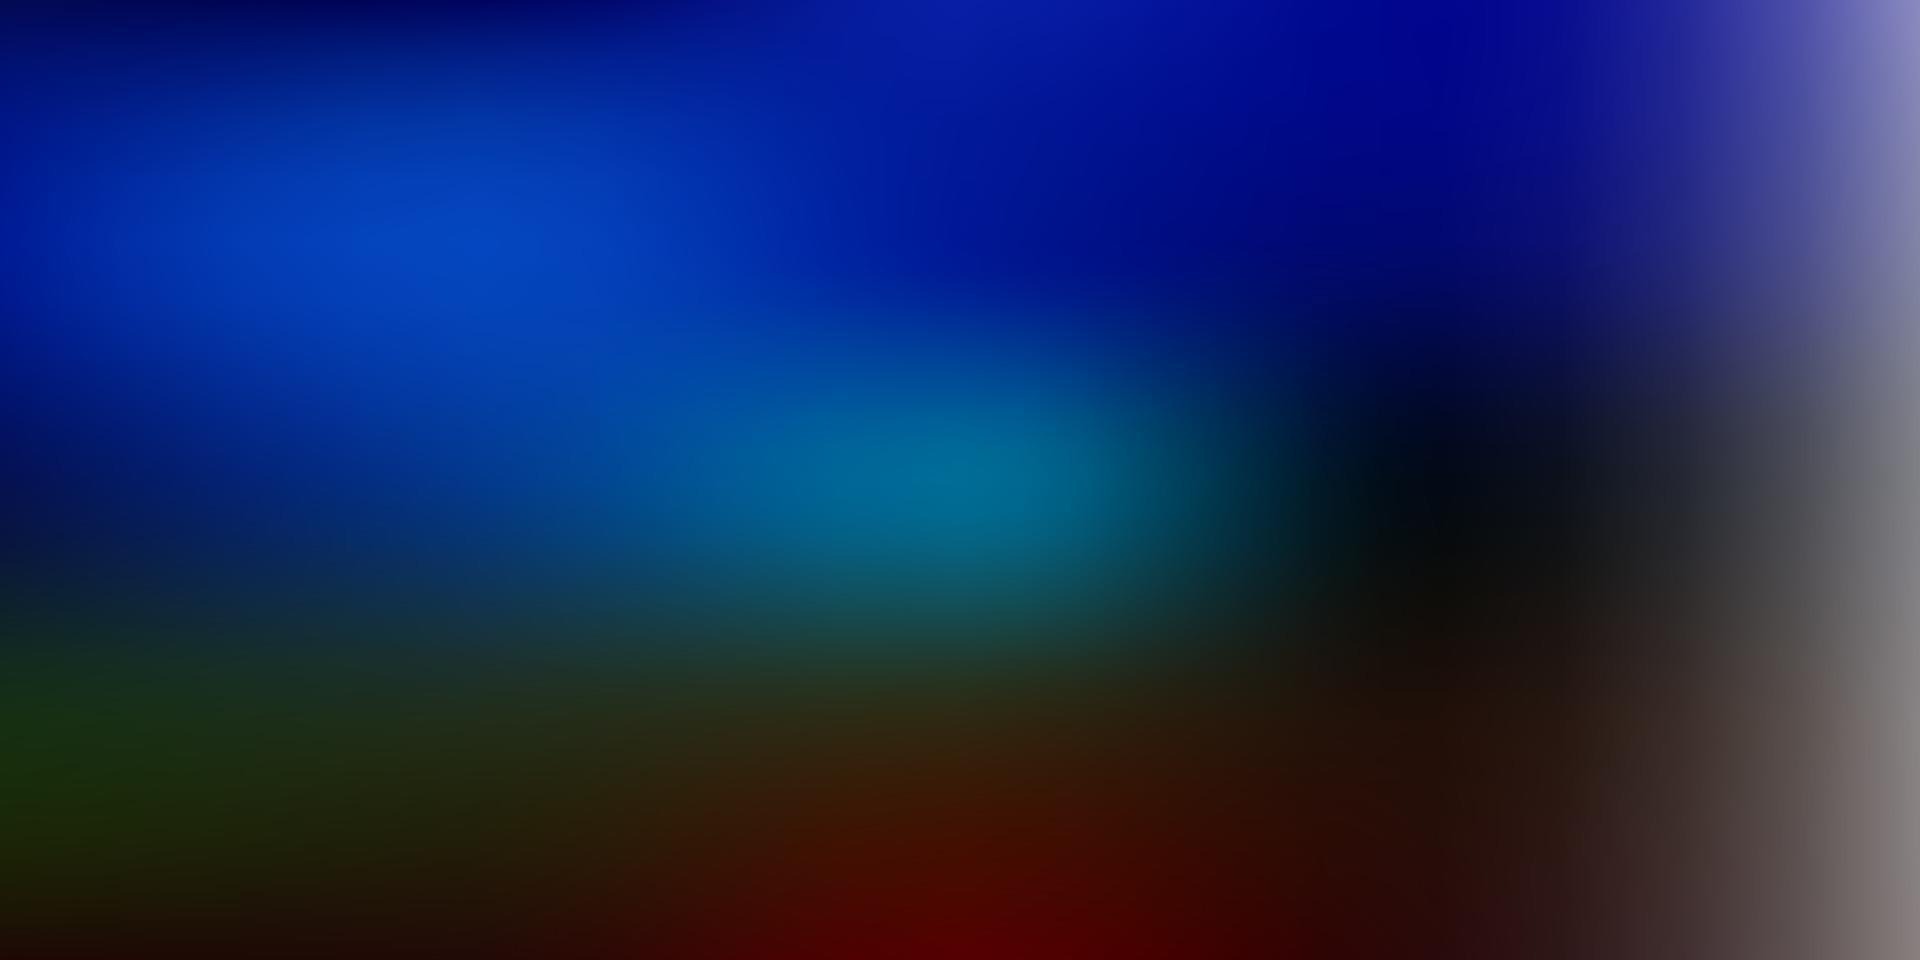 trama di sfocatura vettoriale multicolore scuro.